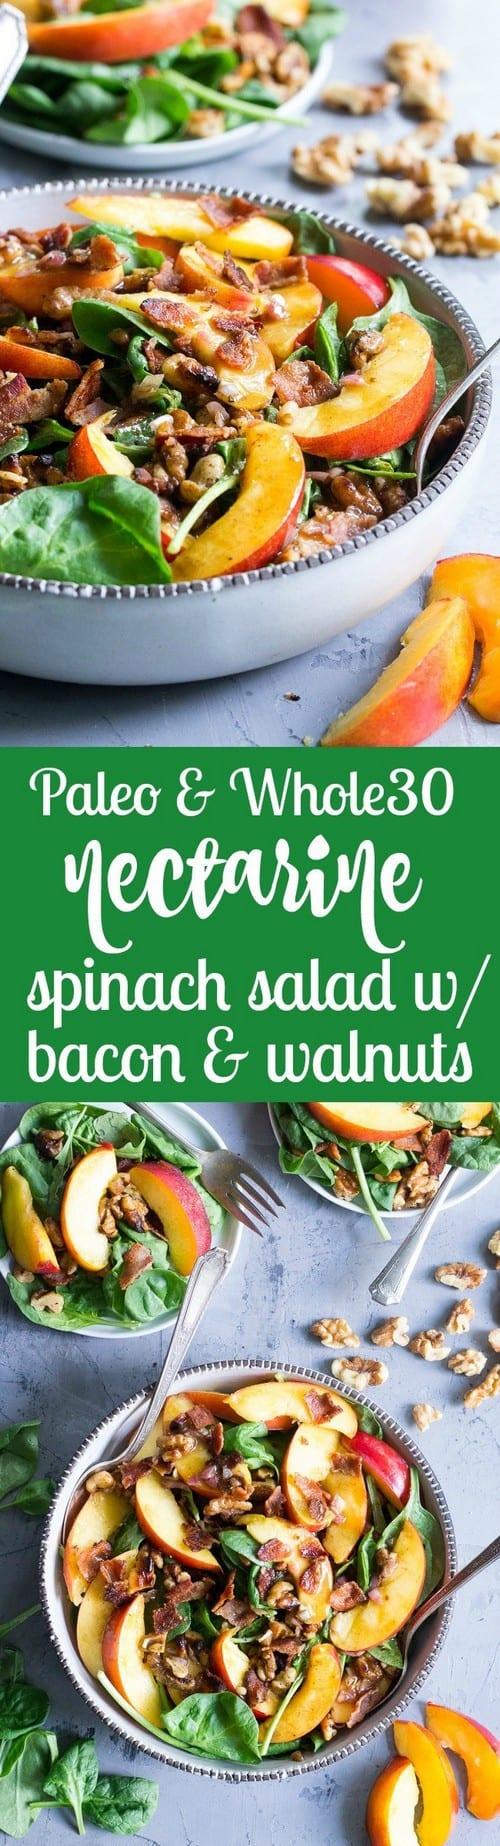 paleo-nectarine-spinach-salad-bacon-toasted-walnuts